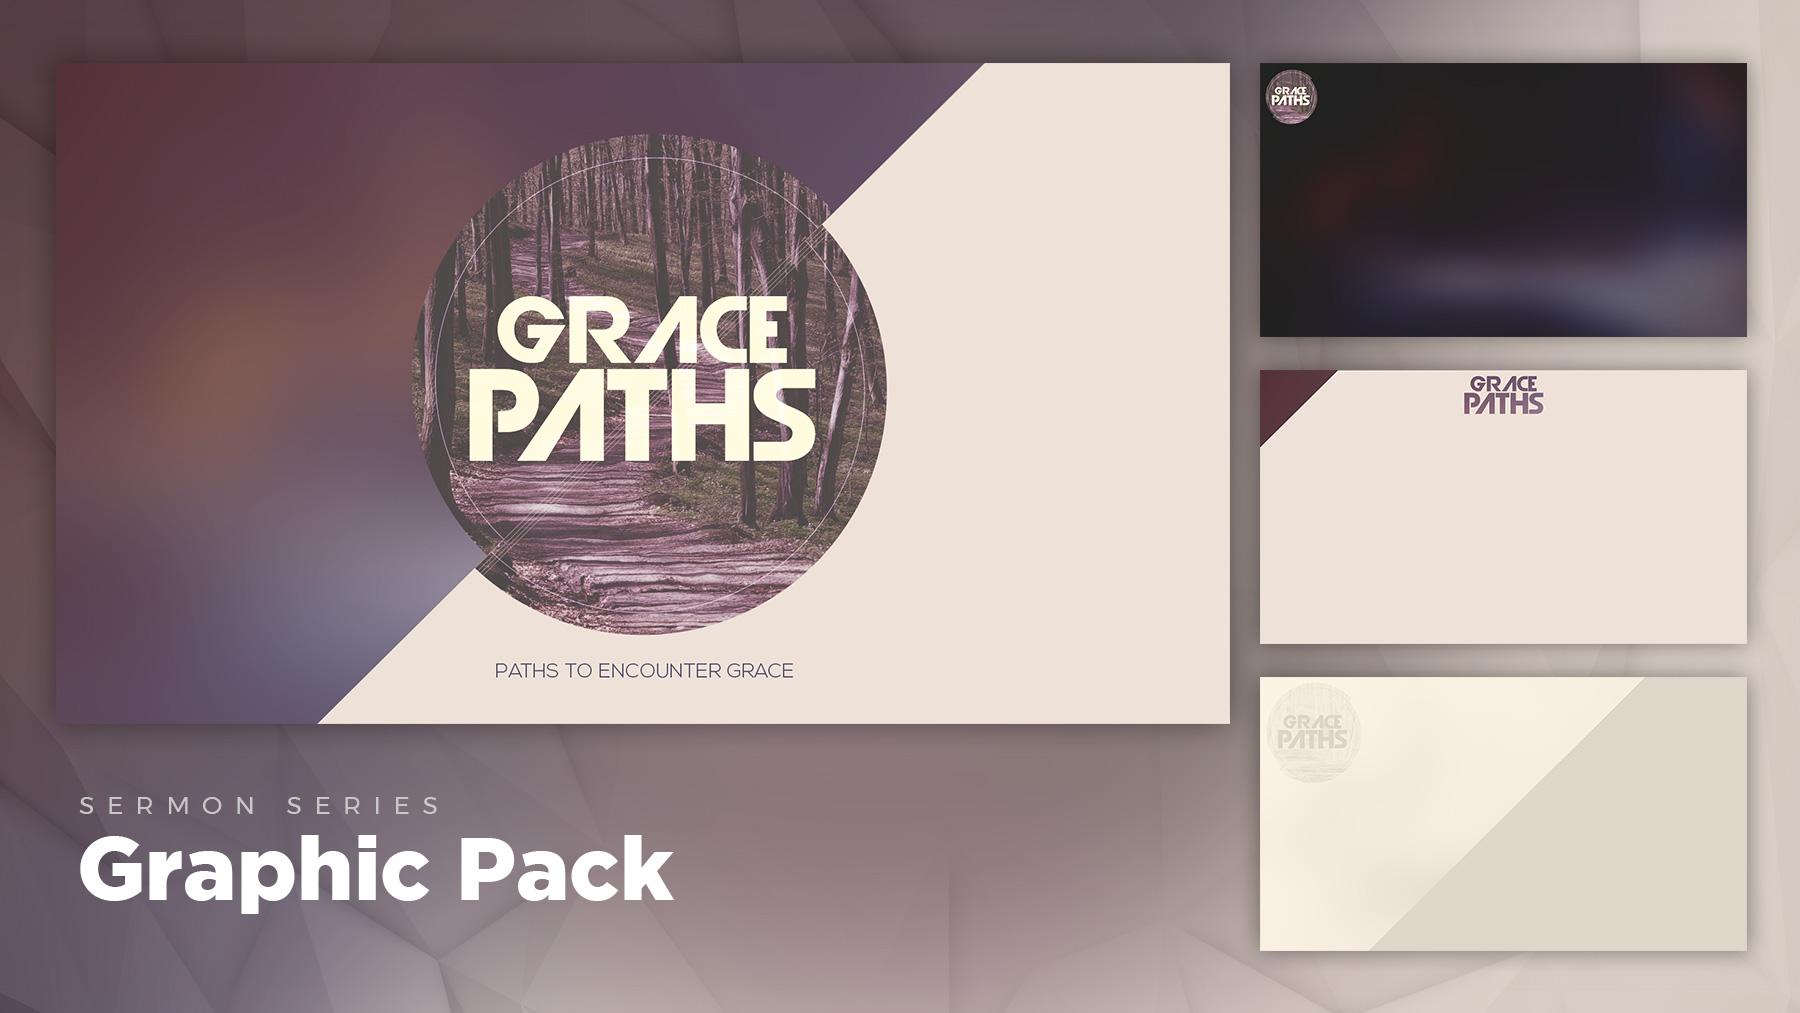 grpa stills pack